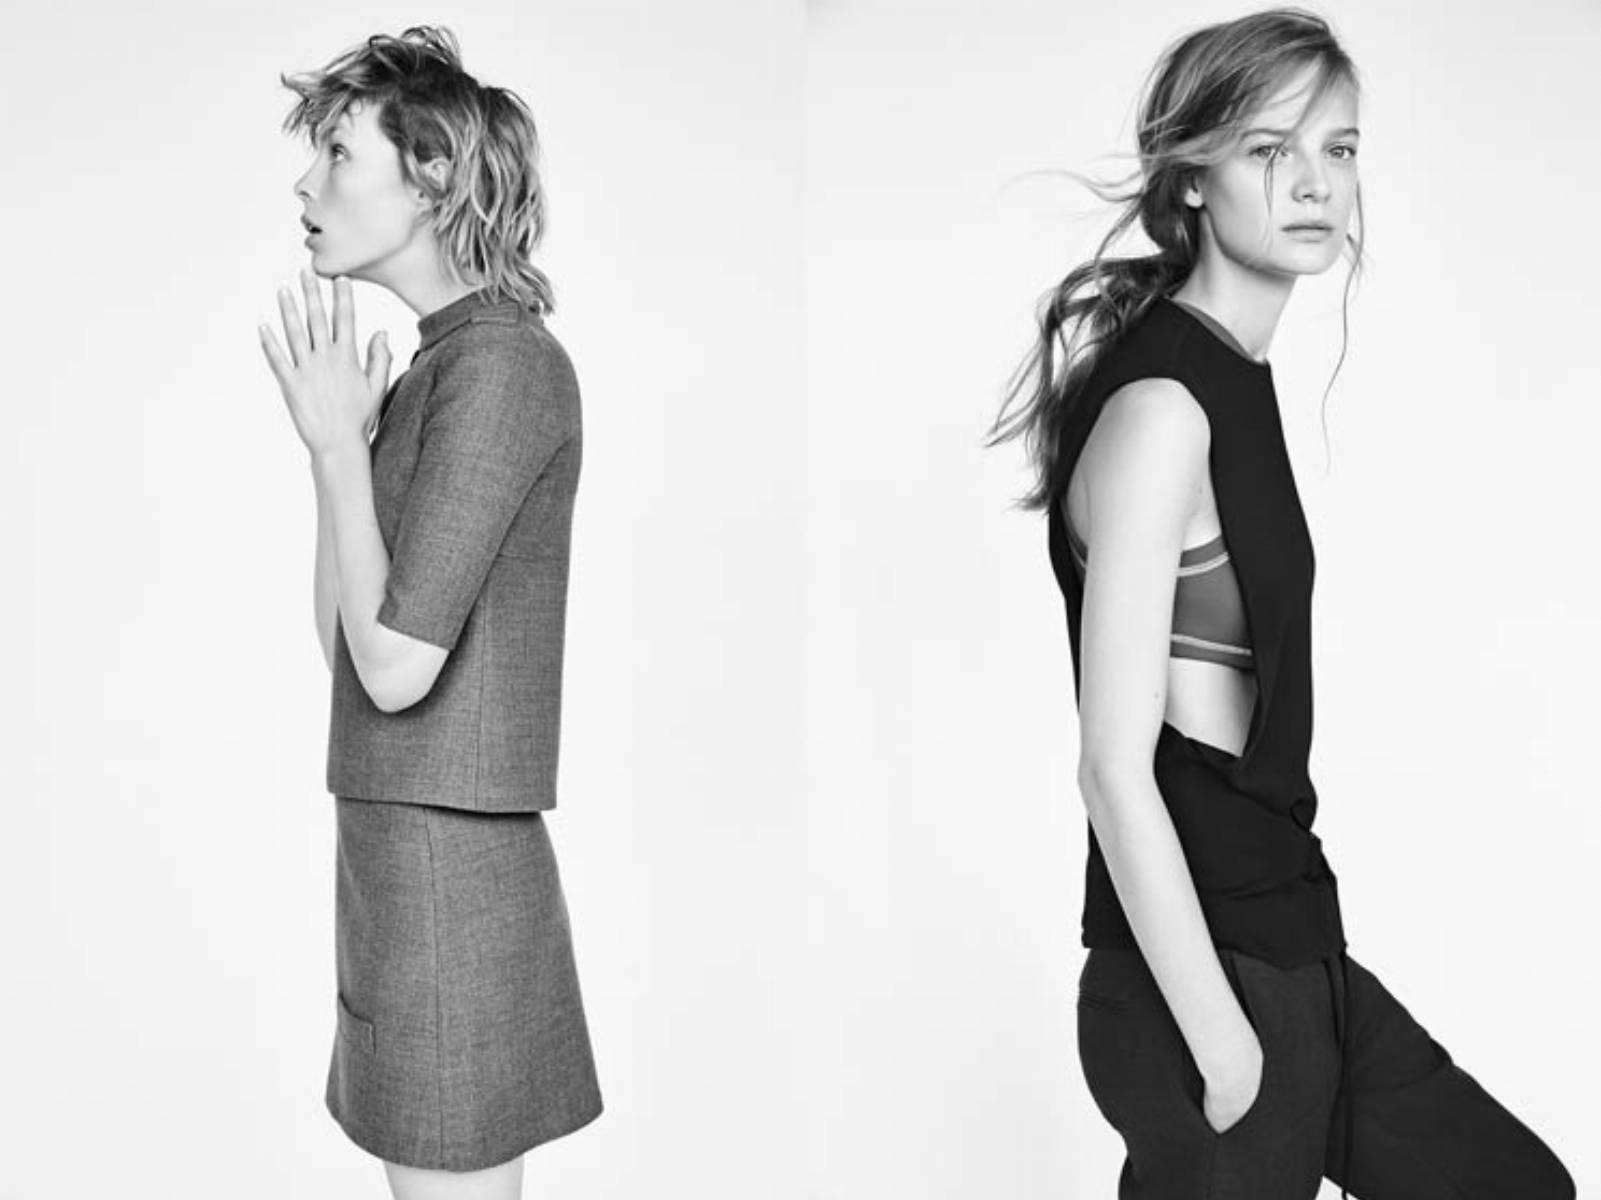 Zara jesien zima 2014 2015 nowa kolekcja (5)